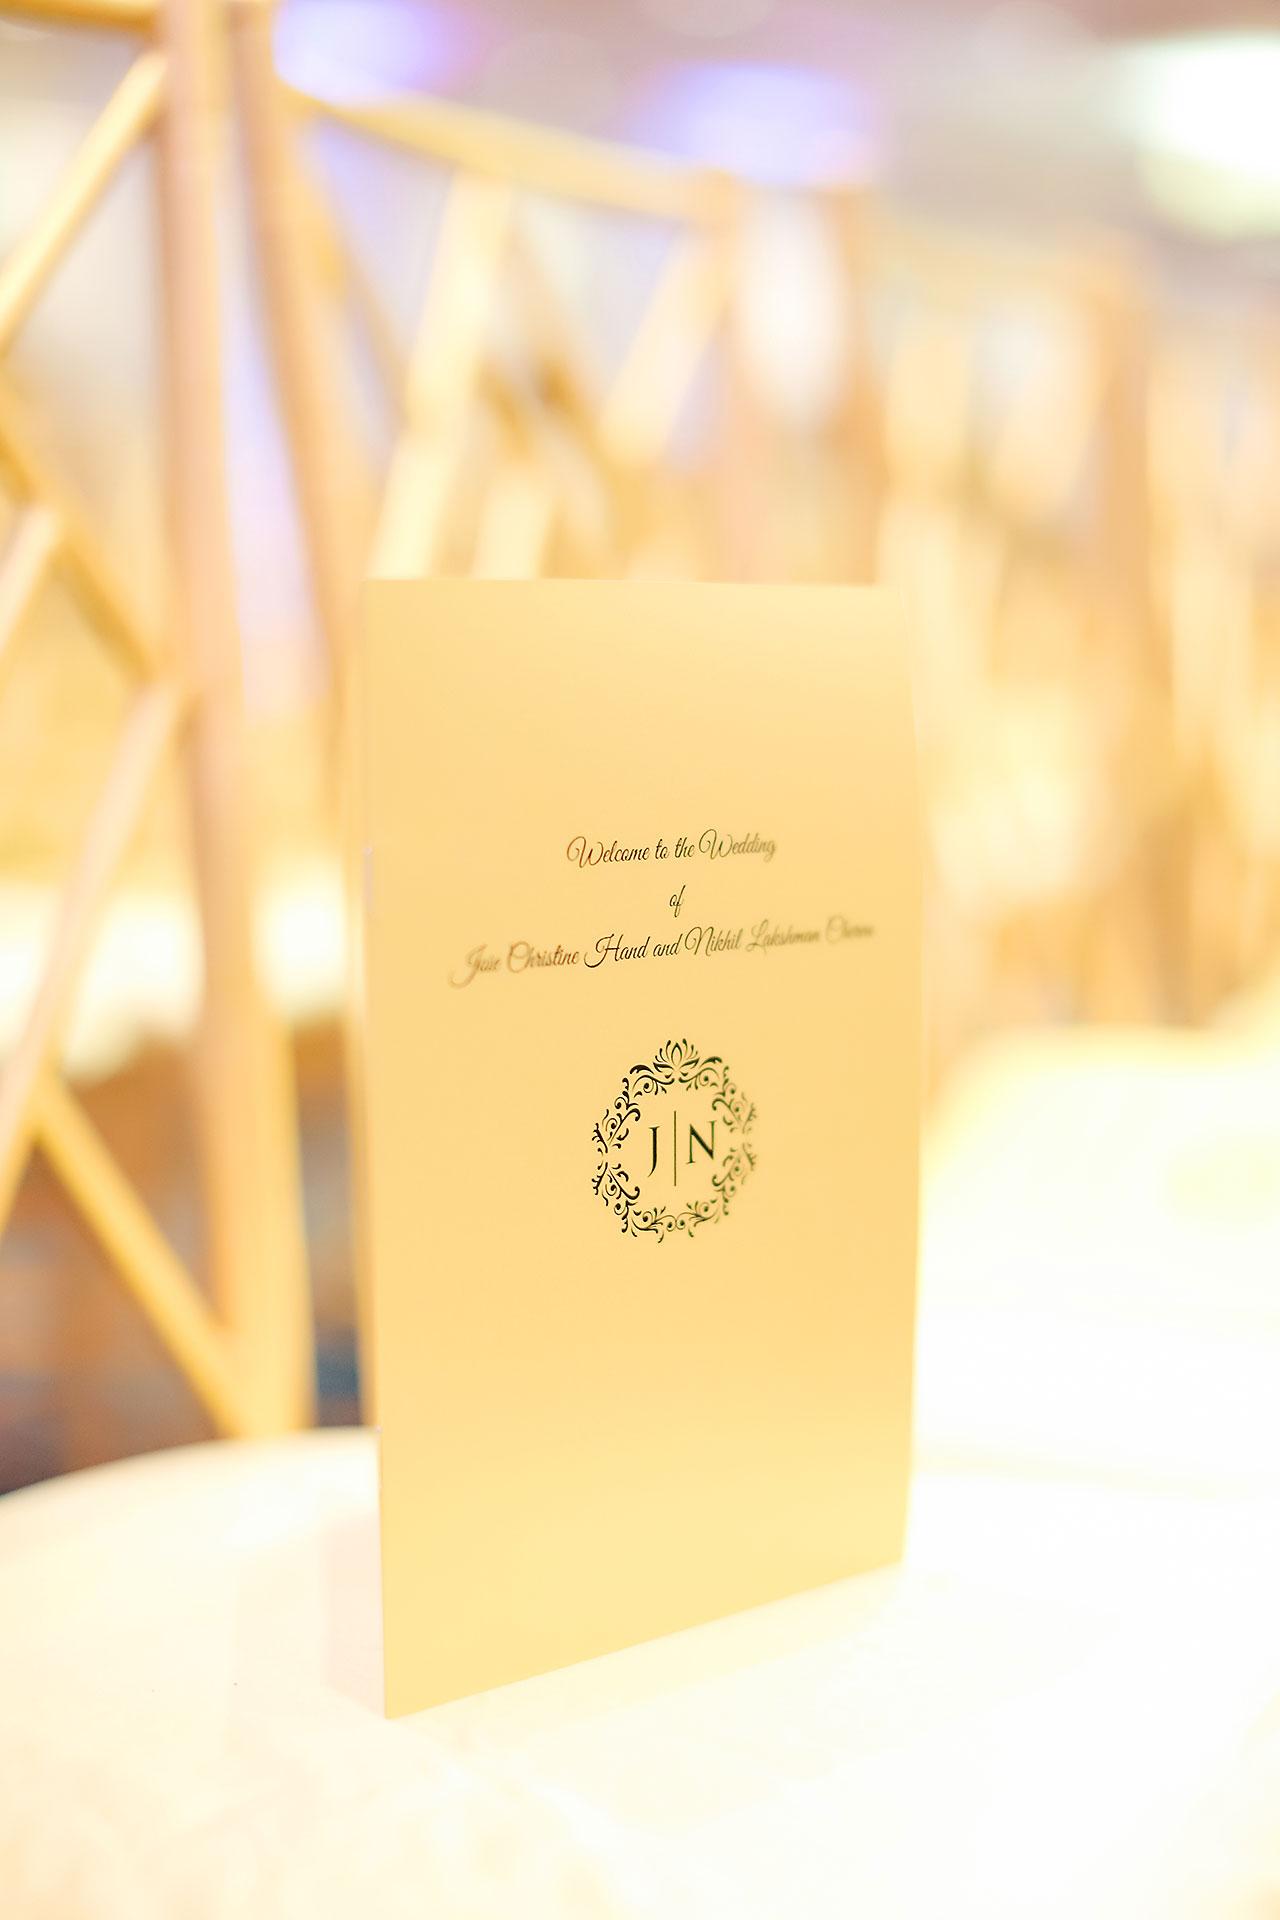 Joie Nikhil JW Marriott Indian Wedding 214